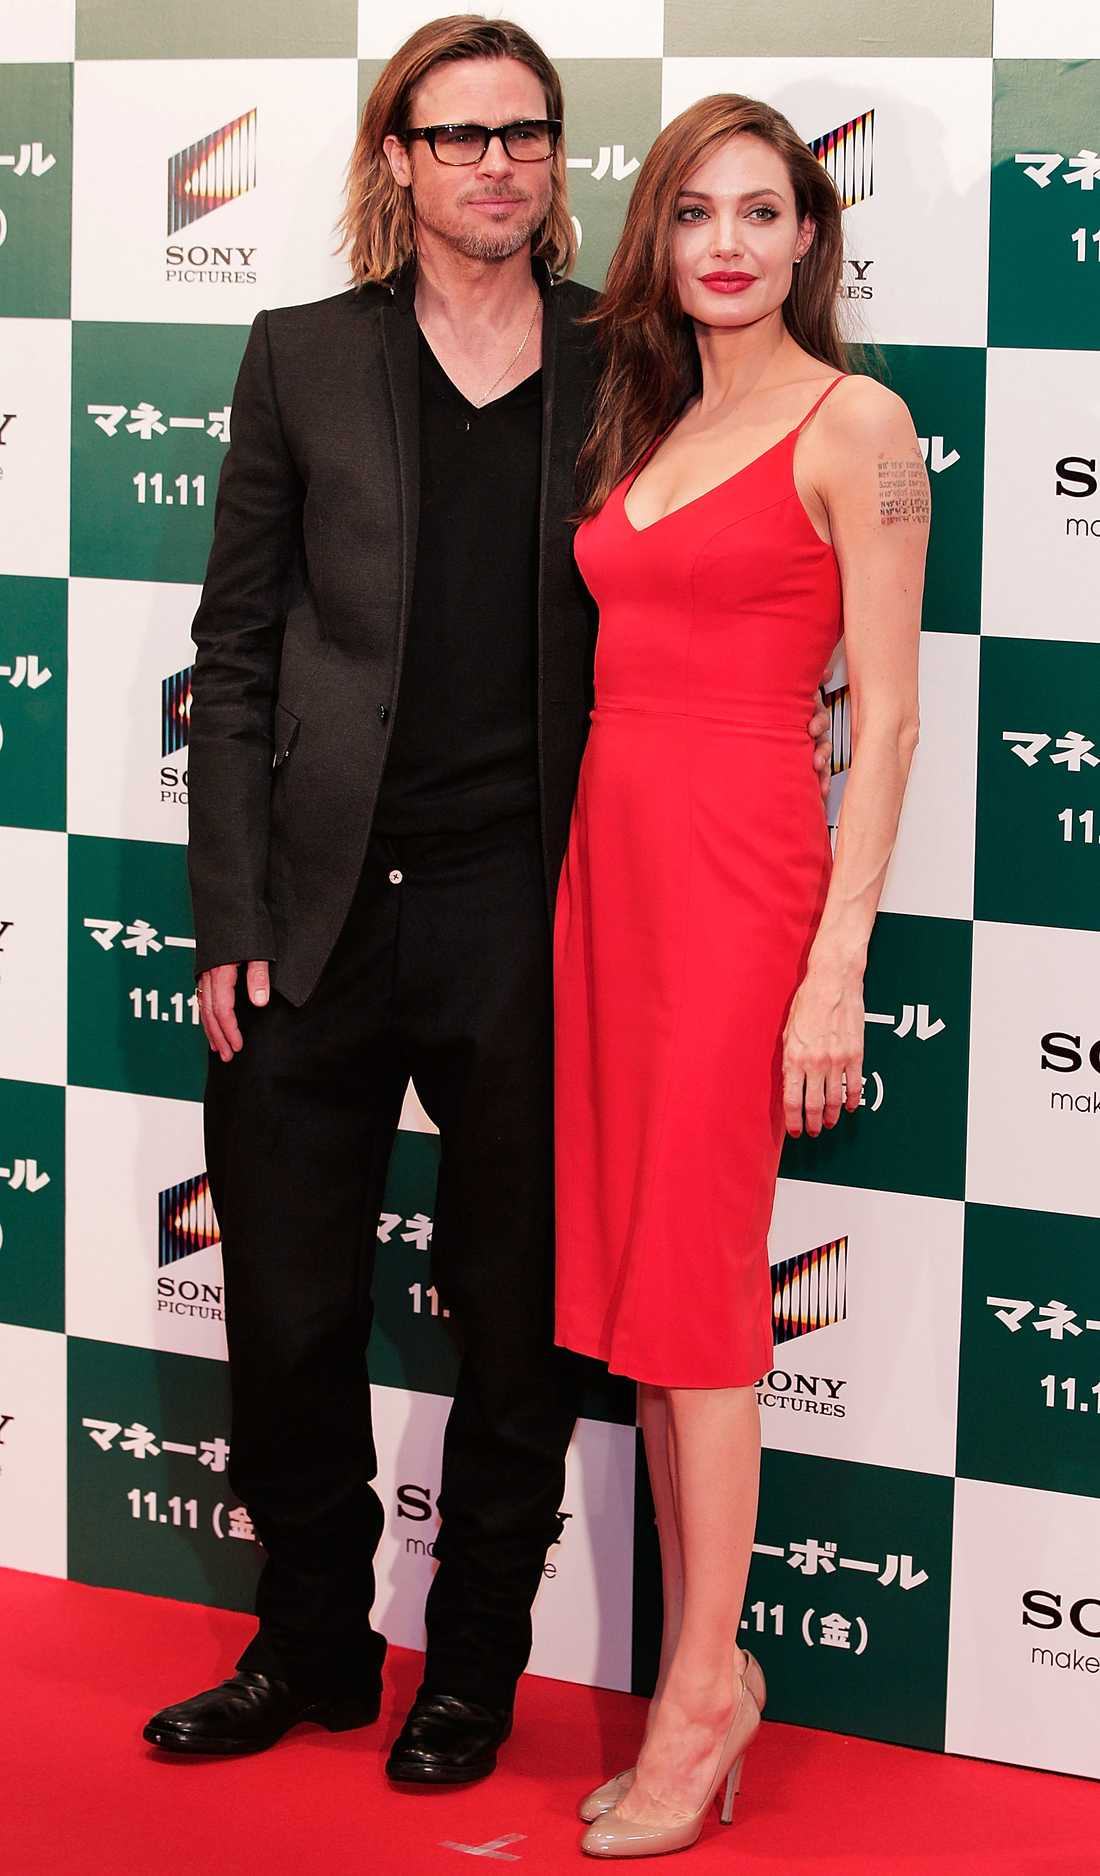 Angelina Jolie Angie Jolie besökte Tokyo med partnern Brad Pitt och valde en klänning som matchade röda mattan.